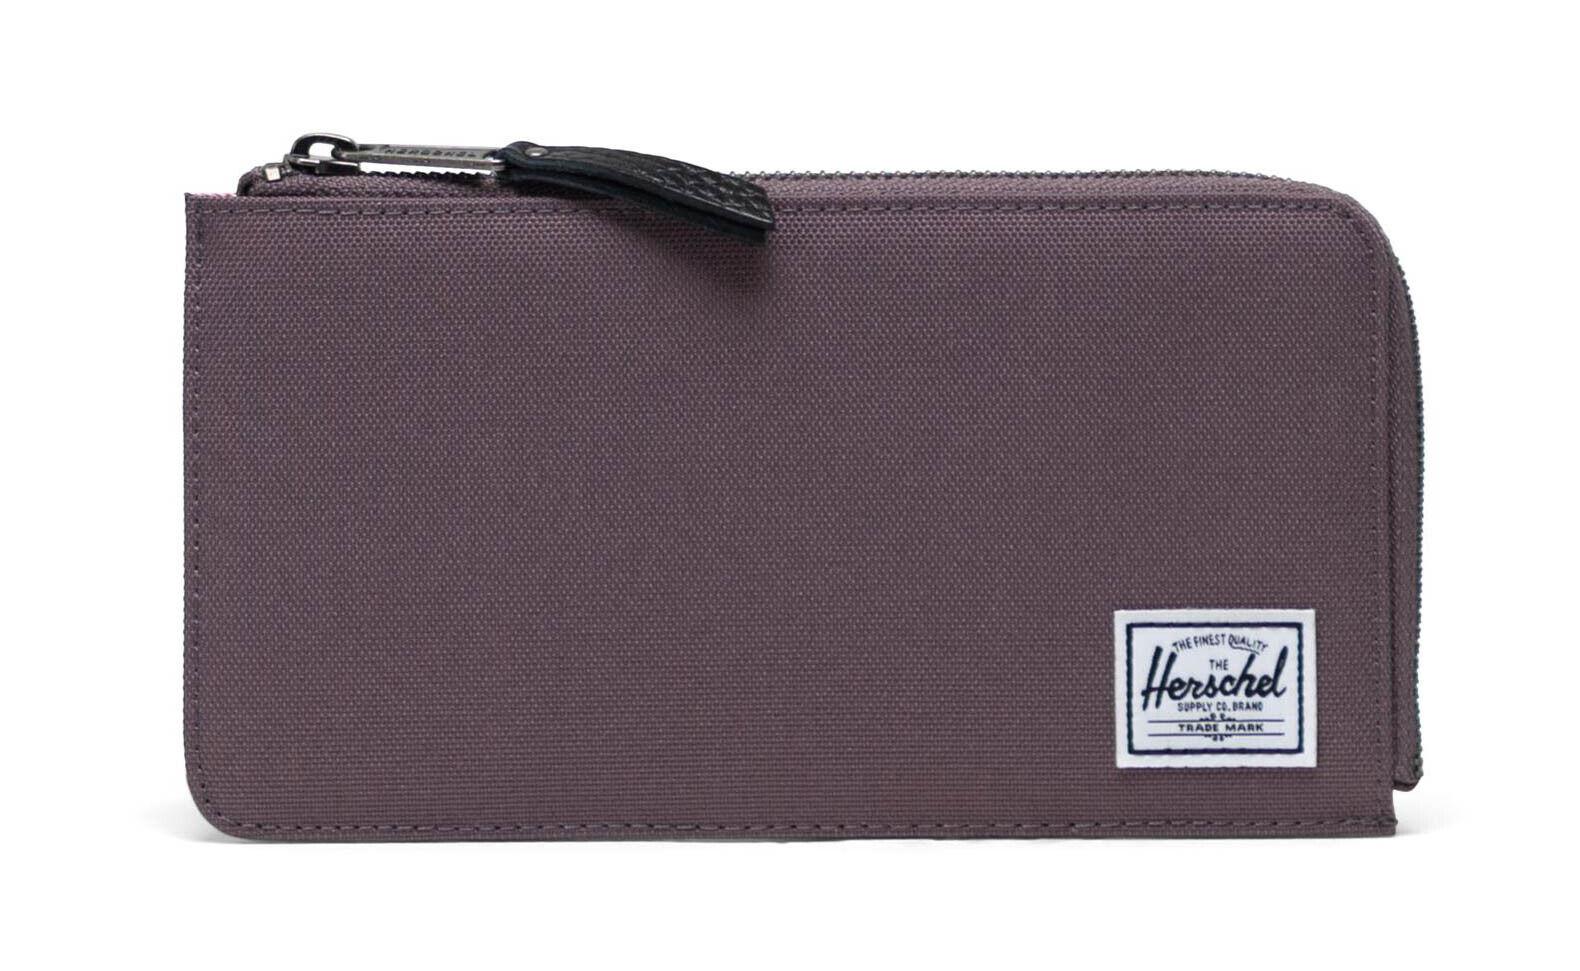 Herschel Jack Large RFID Wallet Geldbörse Violett